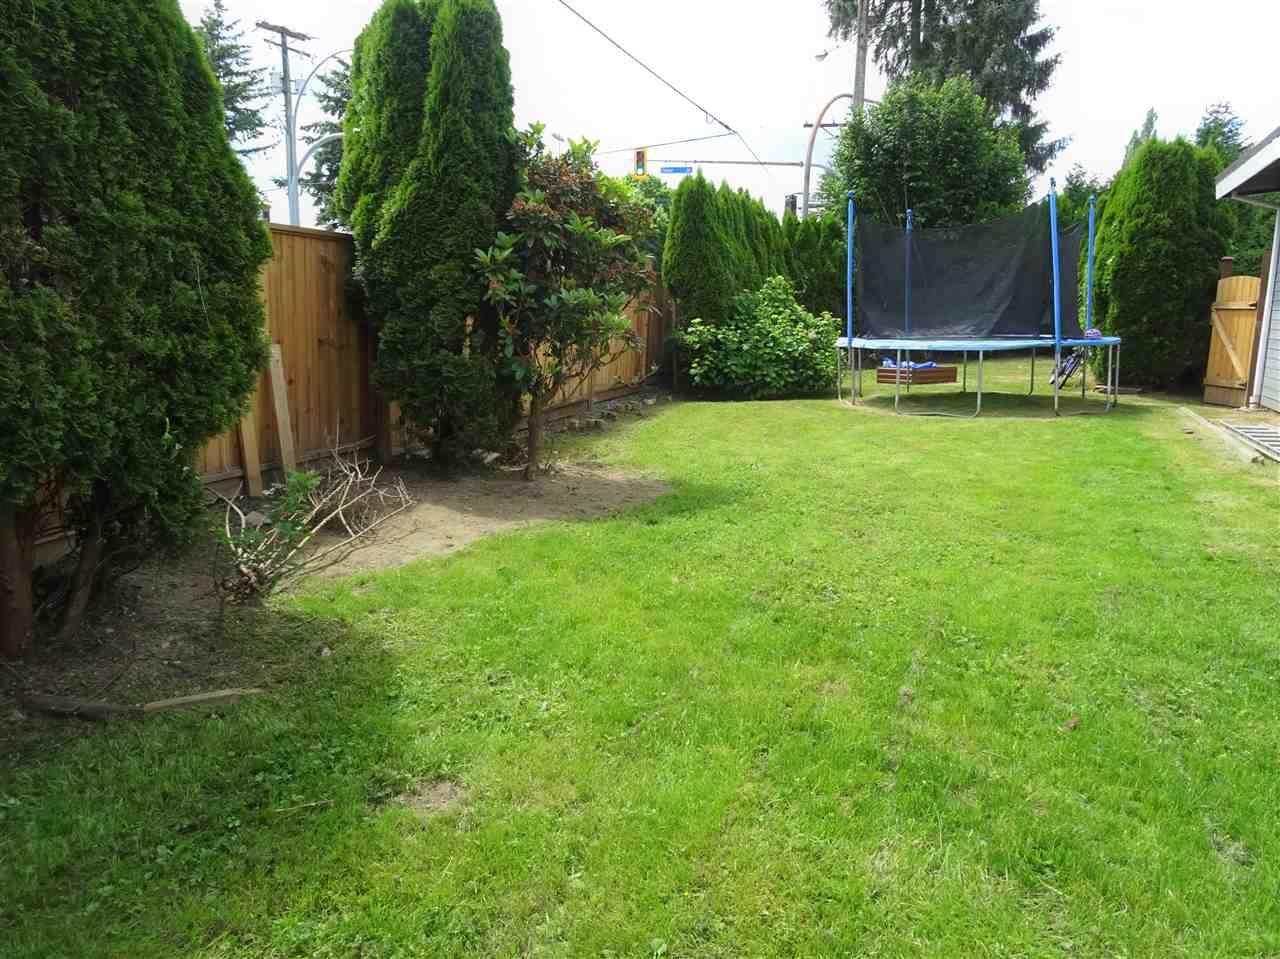 Main Photo: 3220 CEDAR Drive in Port Coquitlam: Lincoln Park PQ 1/2 Duplex for sale : MLS®# R2466231